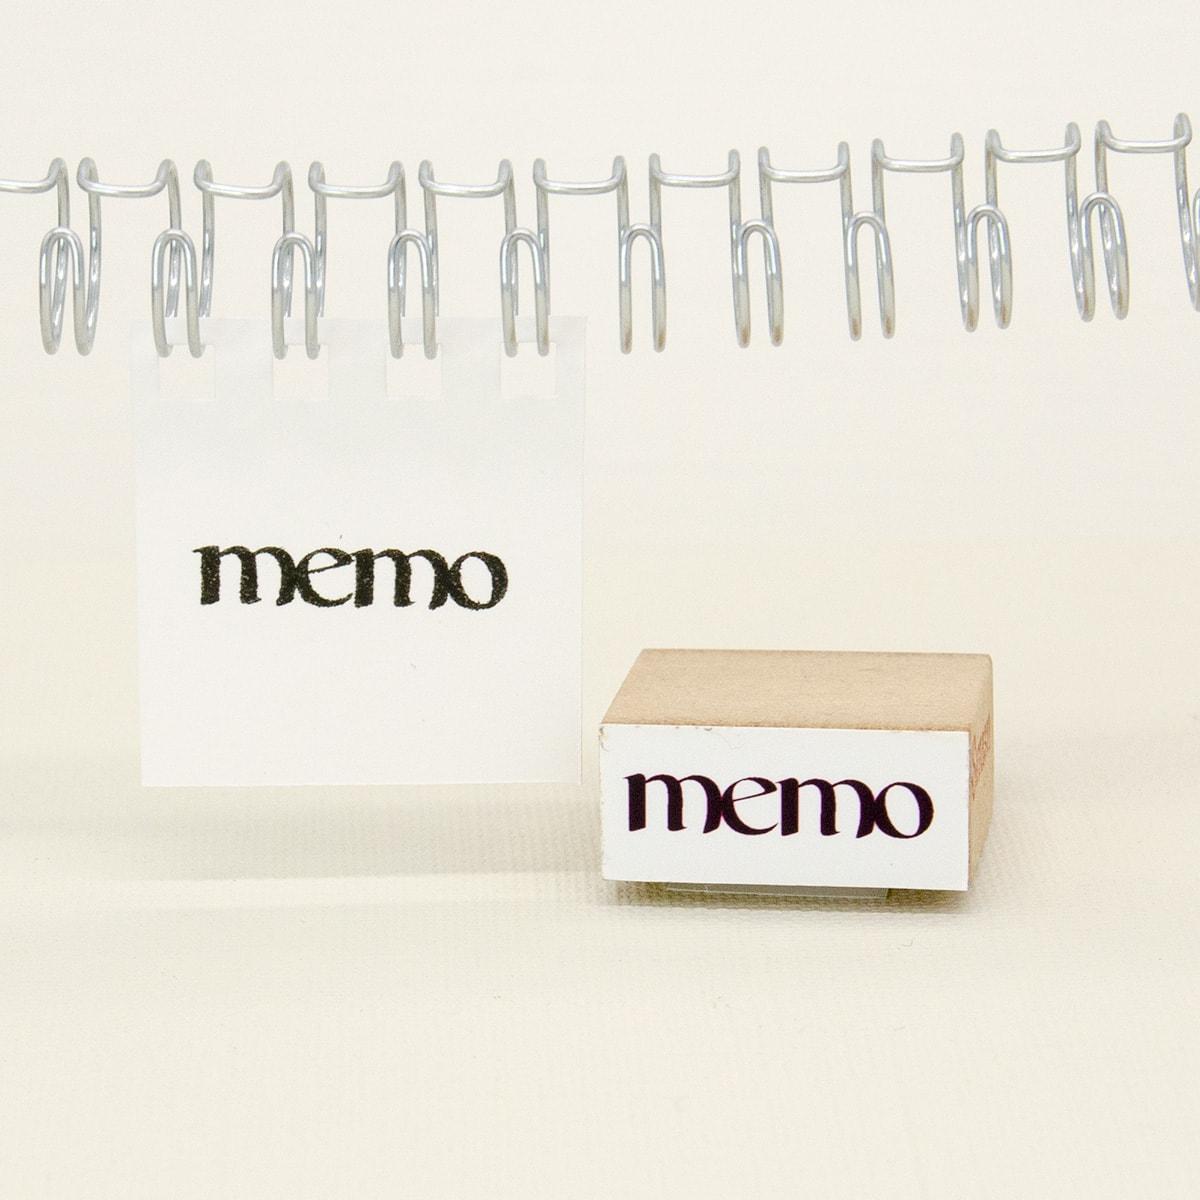 スタンプ<br>memo(メモ)イメージ2